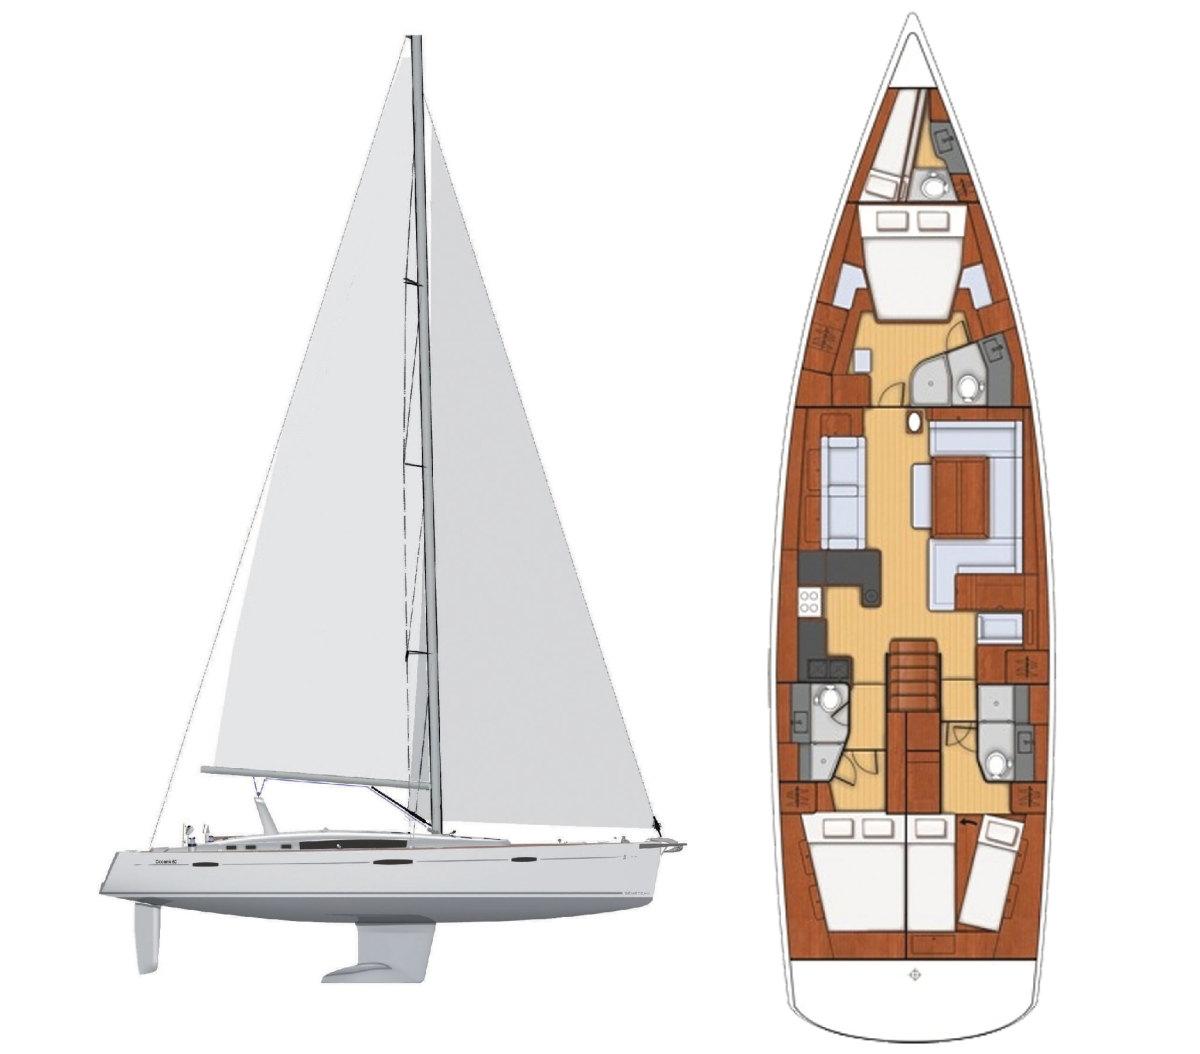 01-SAILPLAN-Profil_OC60-8397